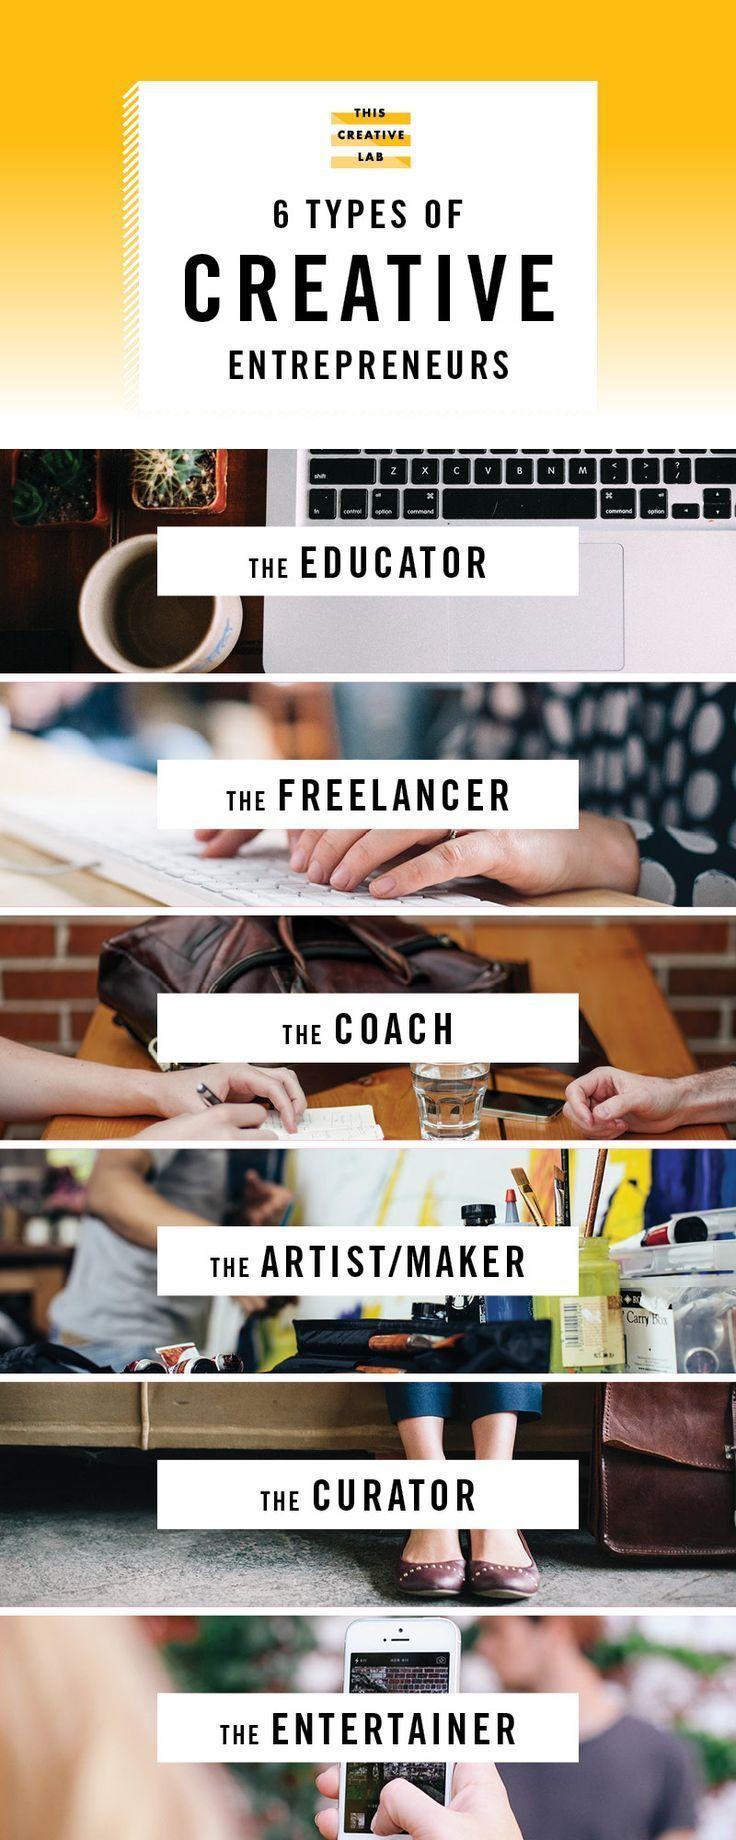 The 6 Types of Creative Entrepreneurs http://thiscreativelab.com/the-6-types-of-creative-entrepreneurs/?amp;utm_medium=social&utm_source=pinterest.com&utm_campaign=buffer {socializeyourbiz.com}